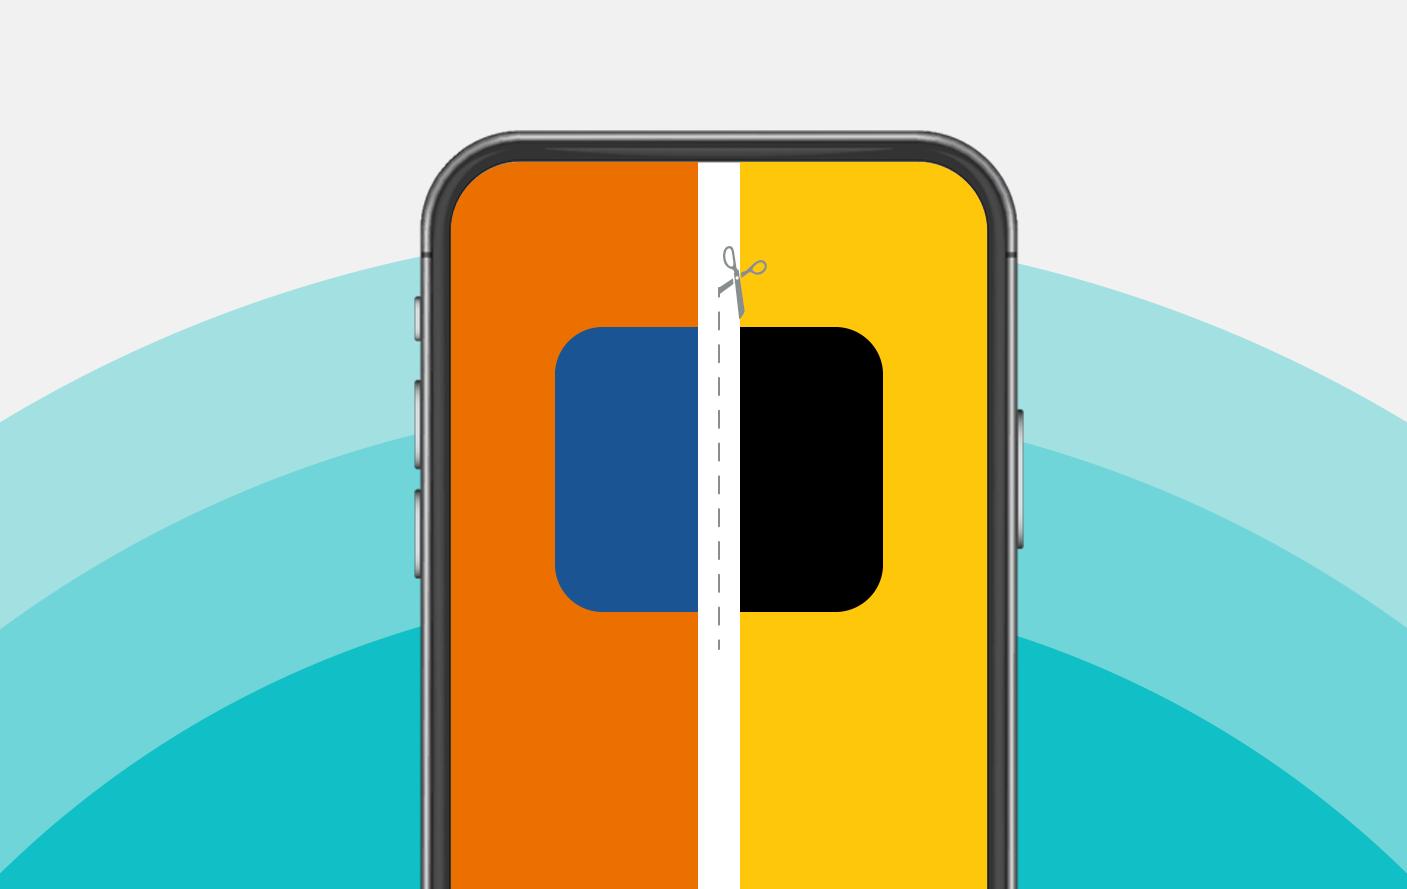 XP: imagem mostra tela do celular com cores do itaú e da xp sendo separadas por uma tesoura.